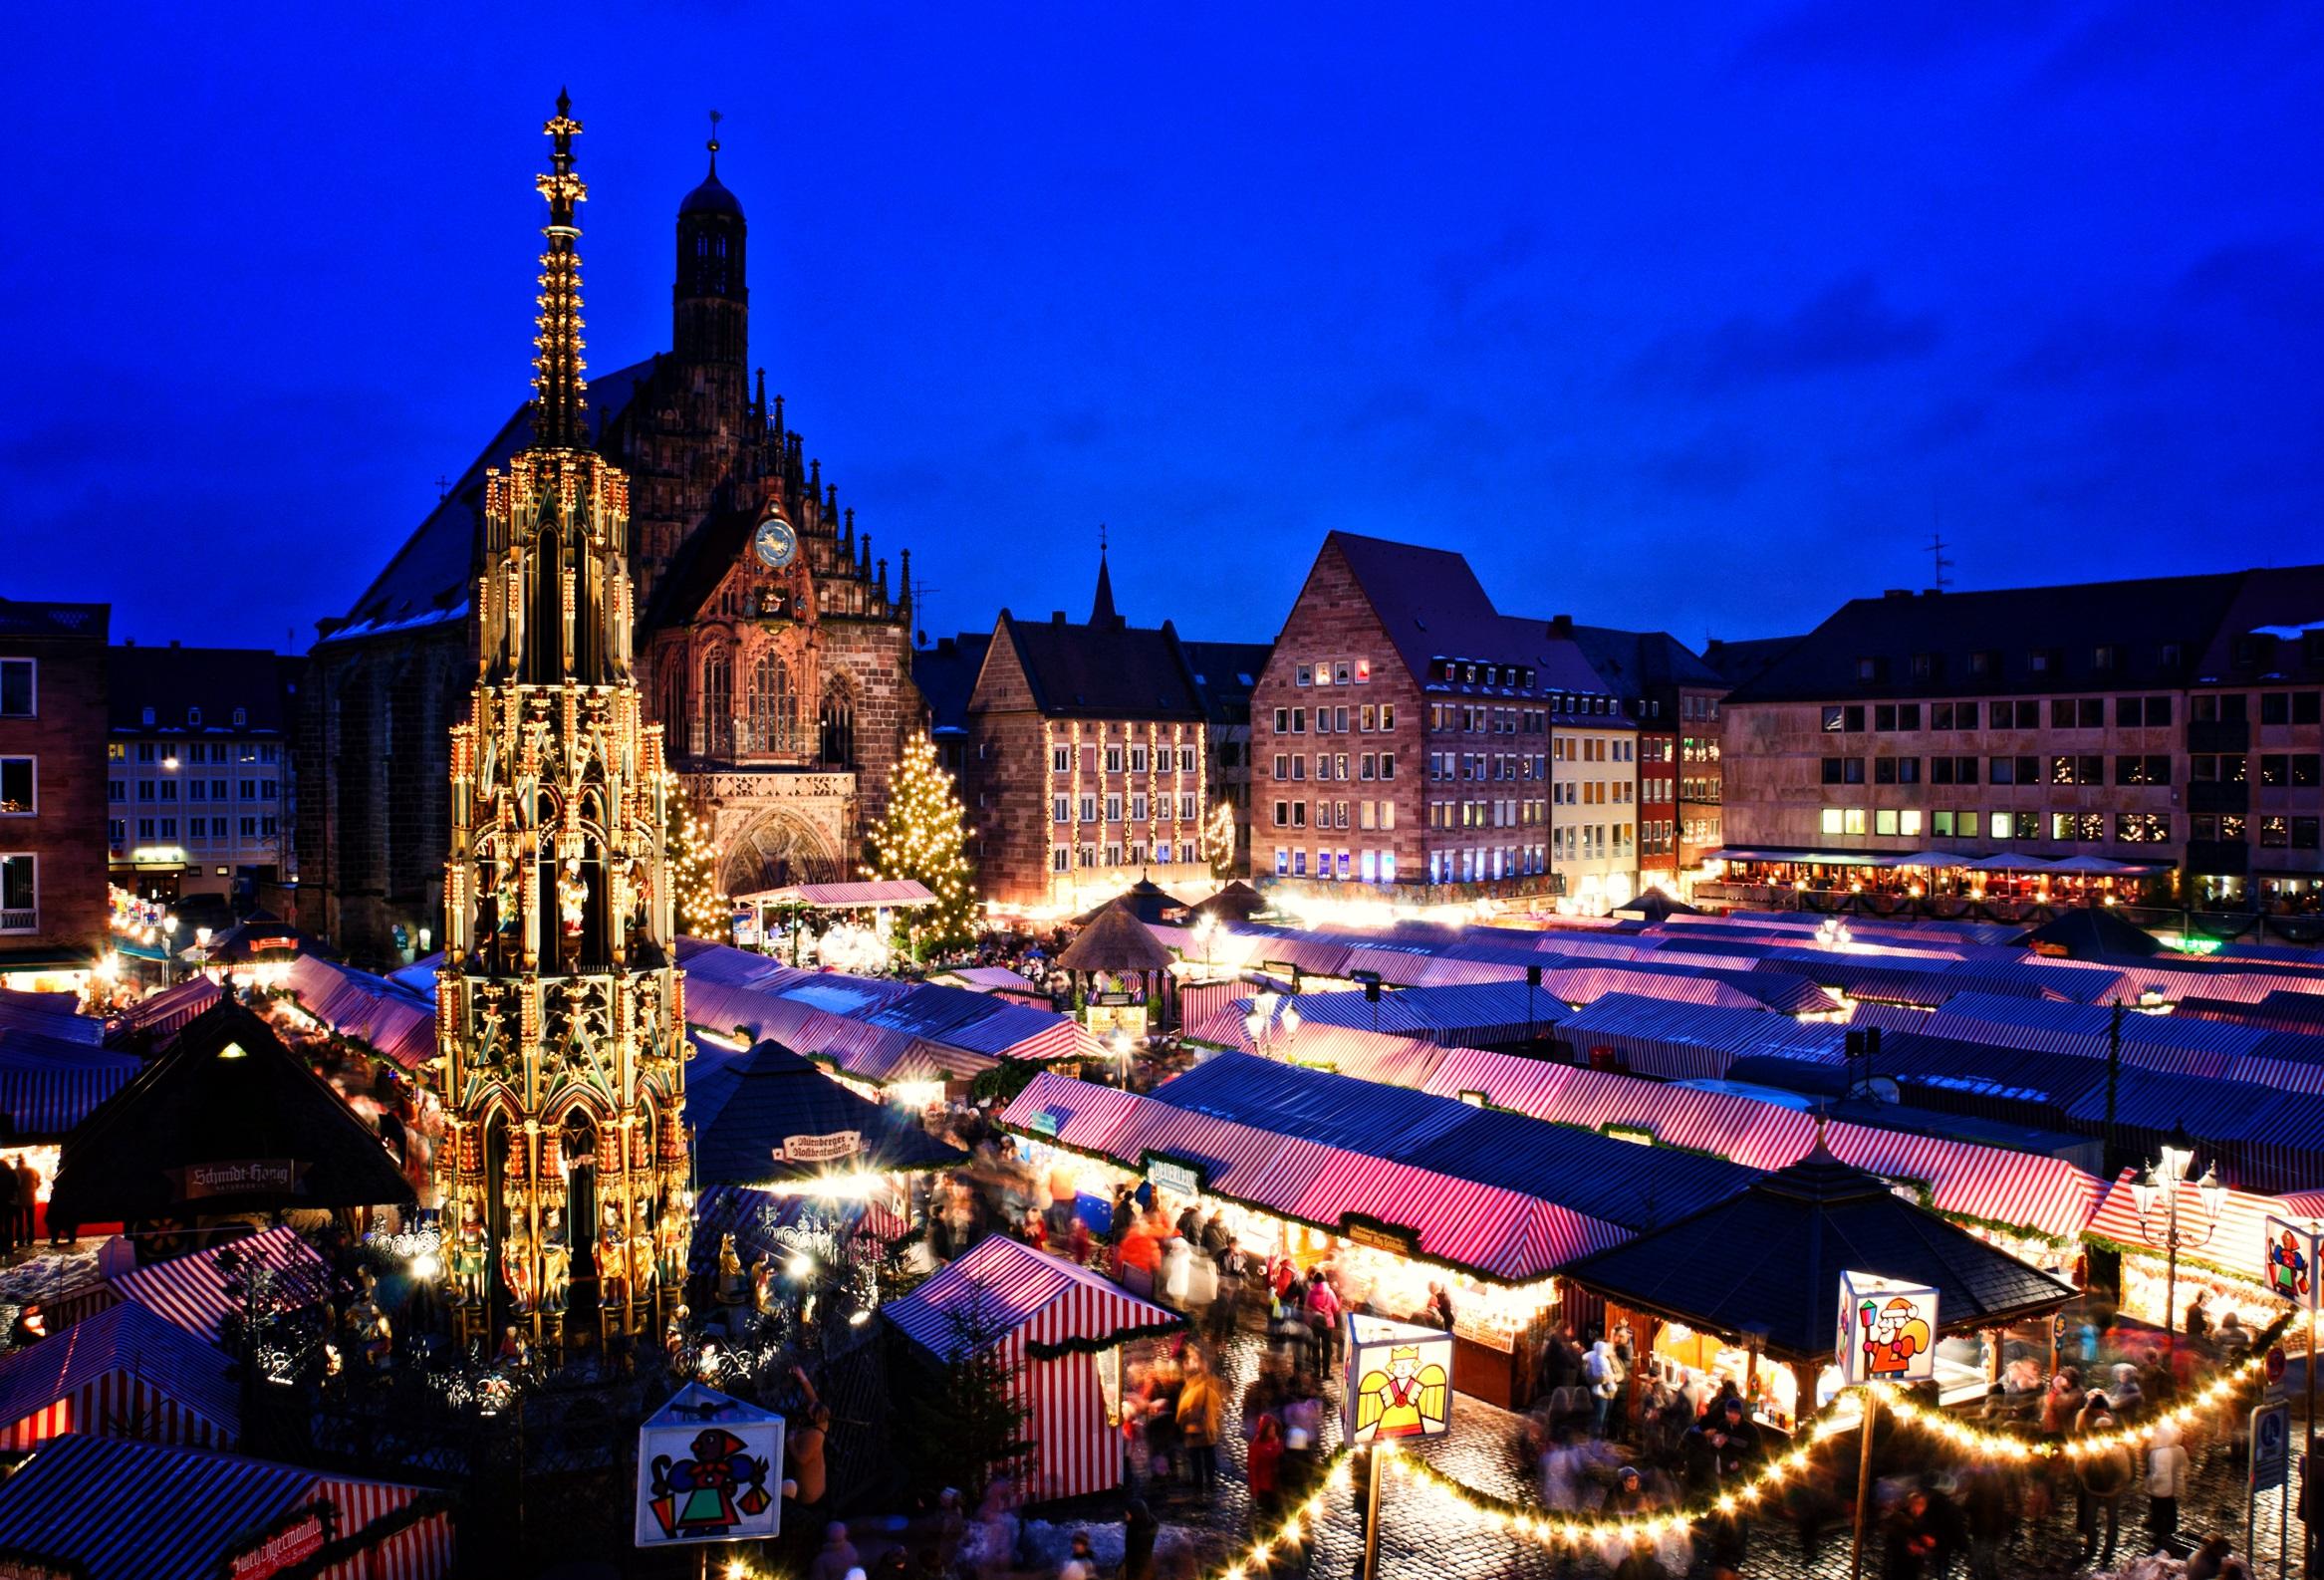 Christkindlesmarkt in Nürnberg - Ansicht von oben